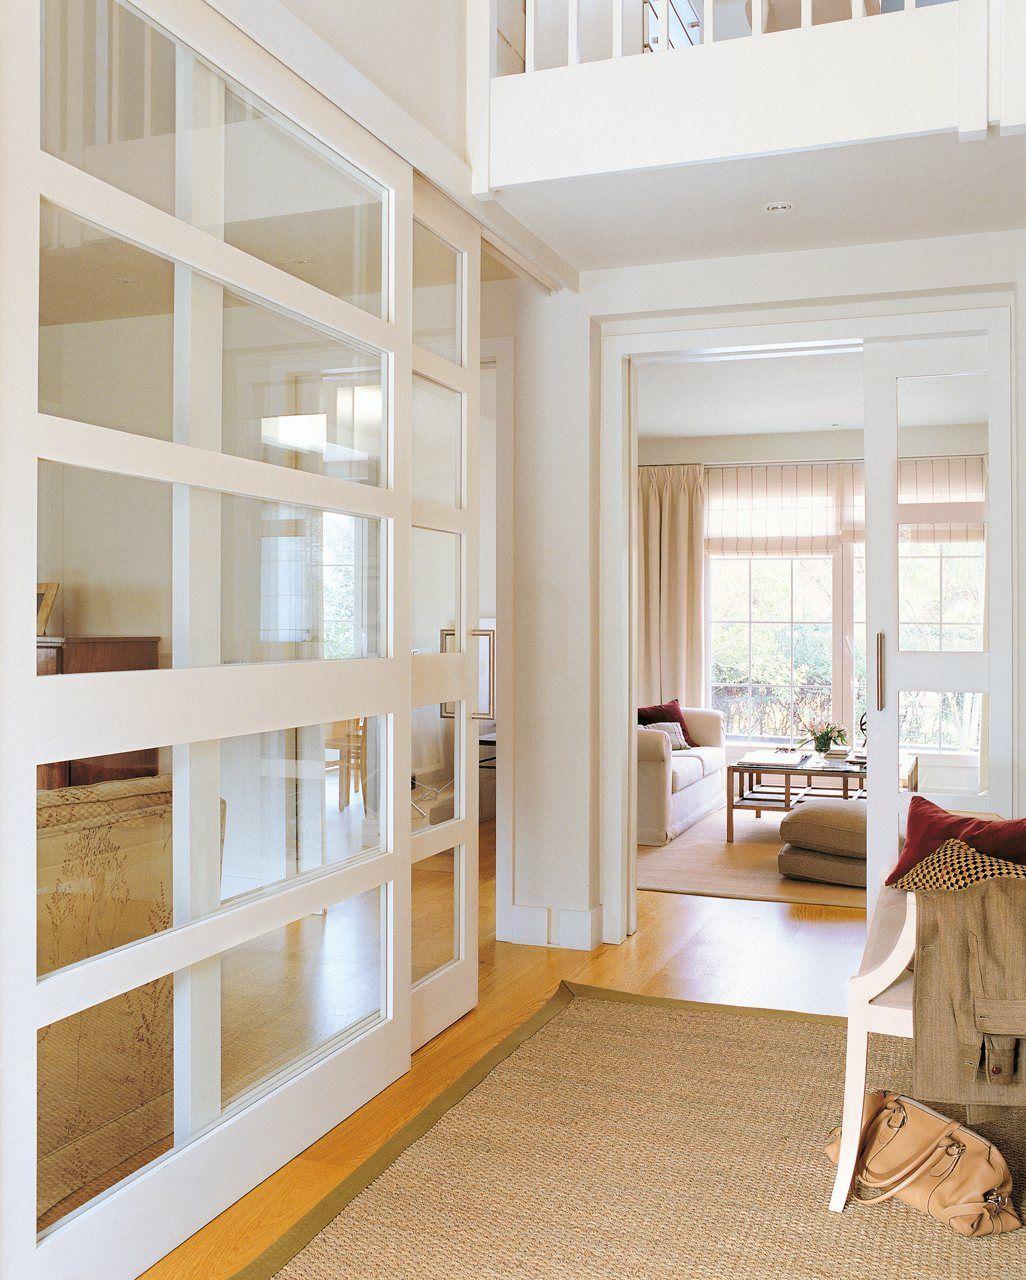 Reformar patio interior en cocina cocinas decoradas for Reformar puertas